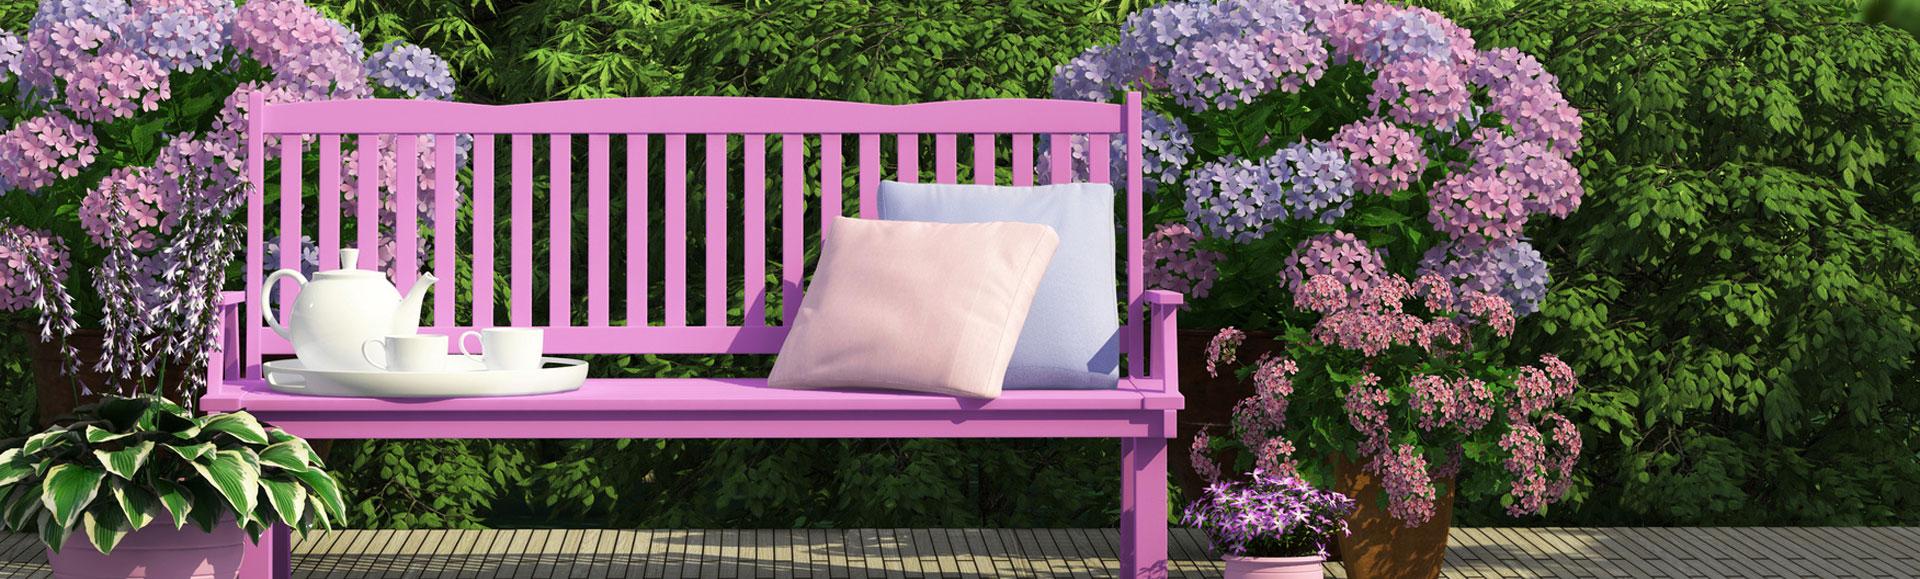 flowerpad drainagekissen pflanzenschutz f r ihre blumenk bel. Black Bedroom Furniture Sets. Home Design Ideas